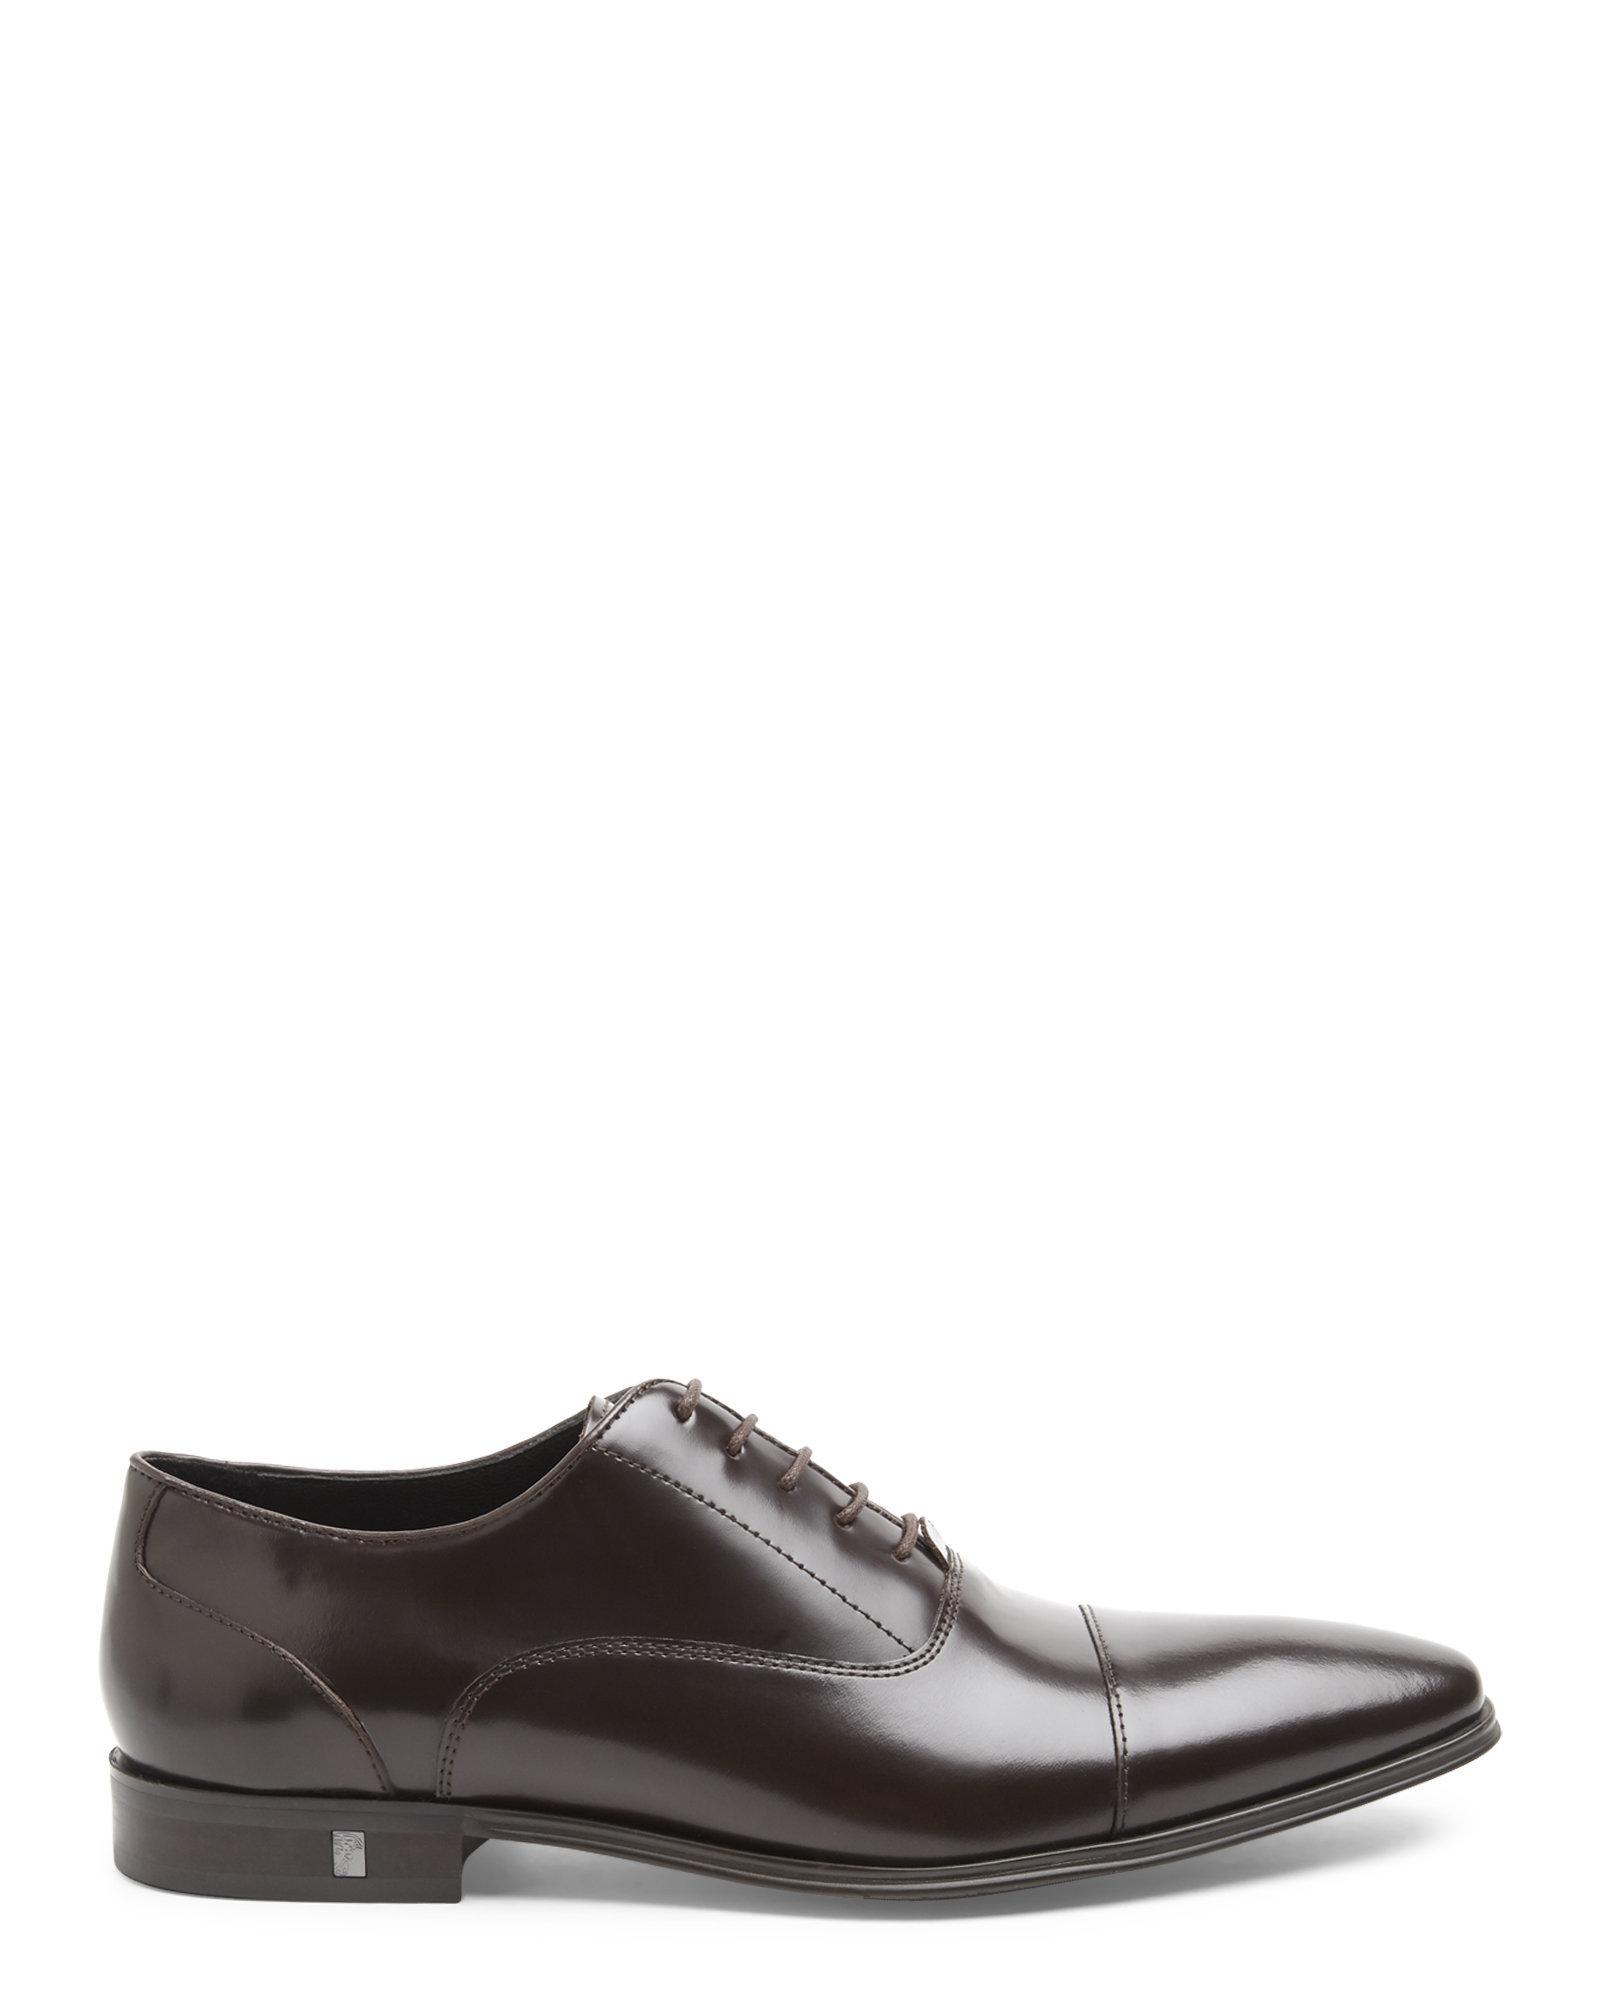 379475aae47 Lyst - Versace Dark Brown Cap Toe Oxfords in Brown for Men